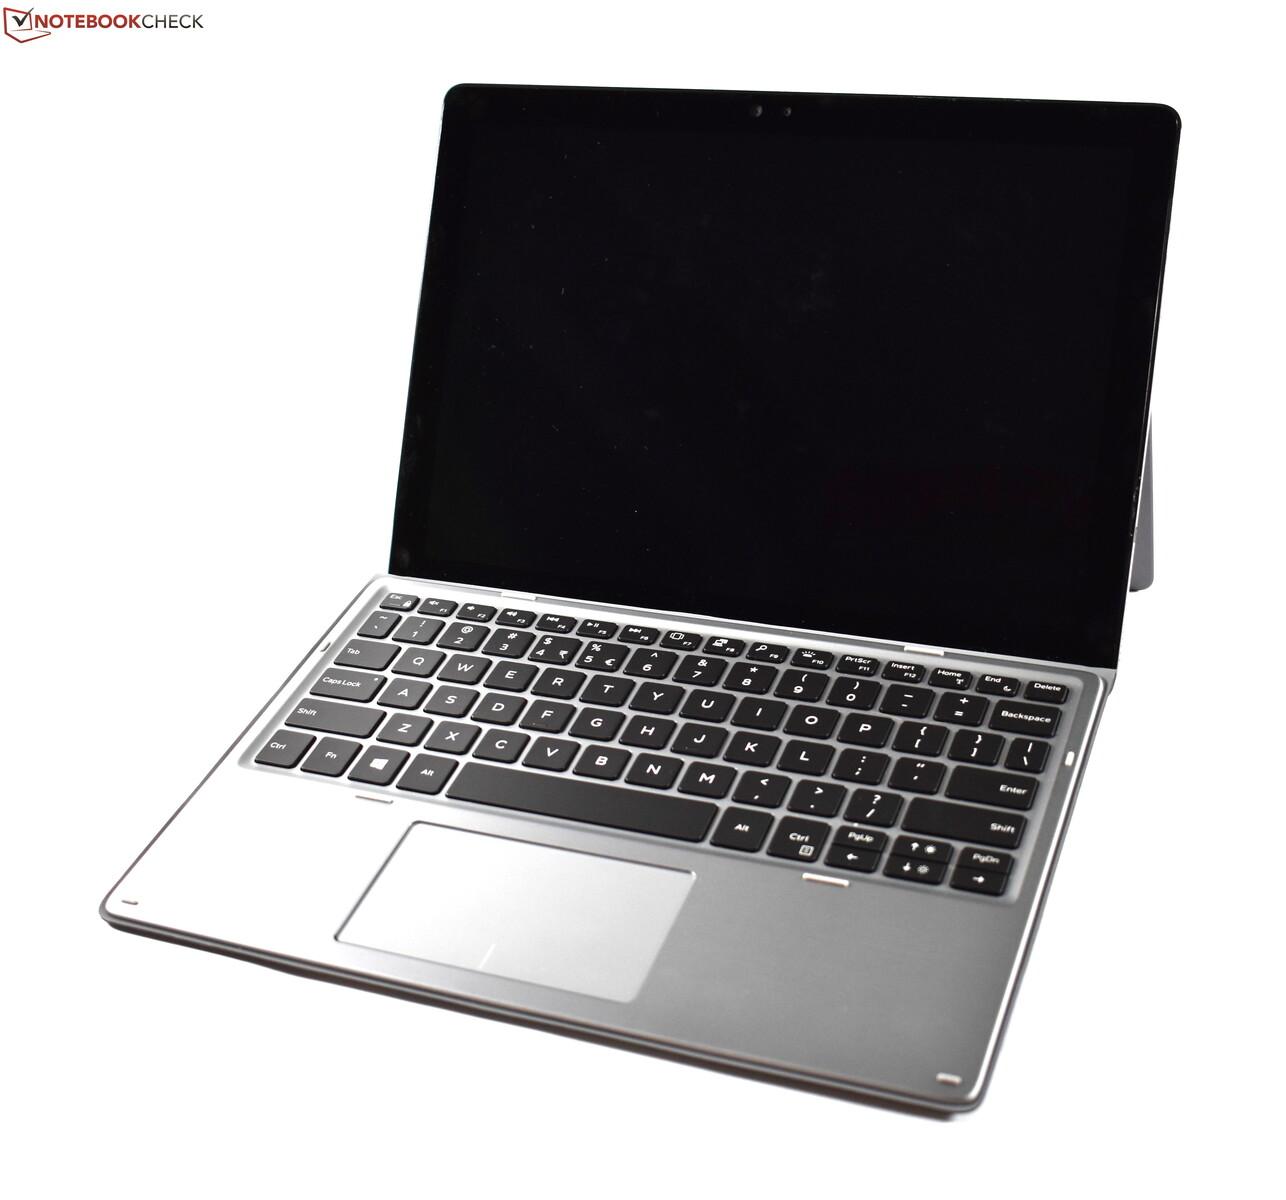 notebookcheck's top 10 convertibles (2 in 1 tablets  ditech feiert 100 000 verkaufte computer #11